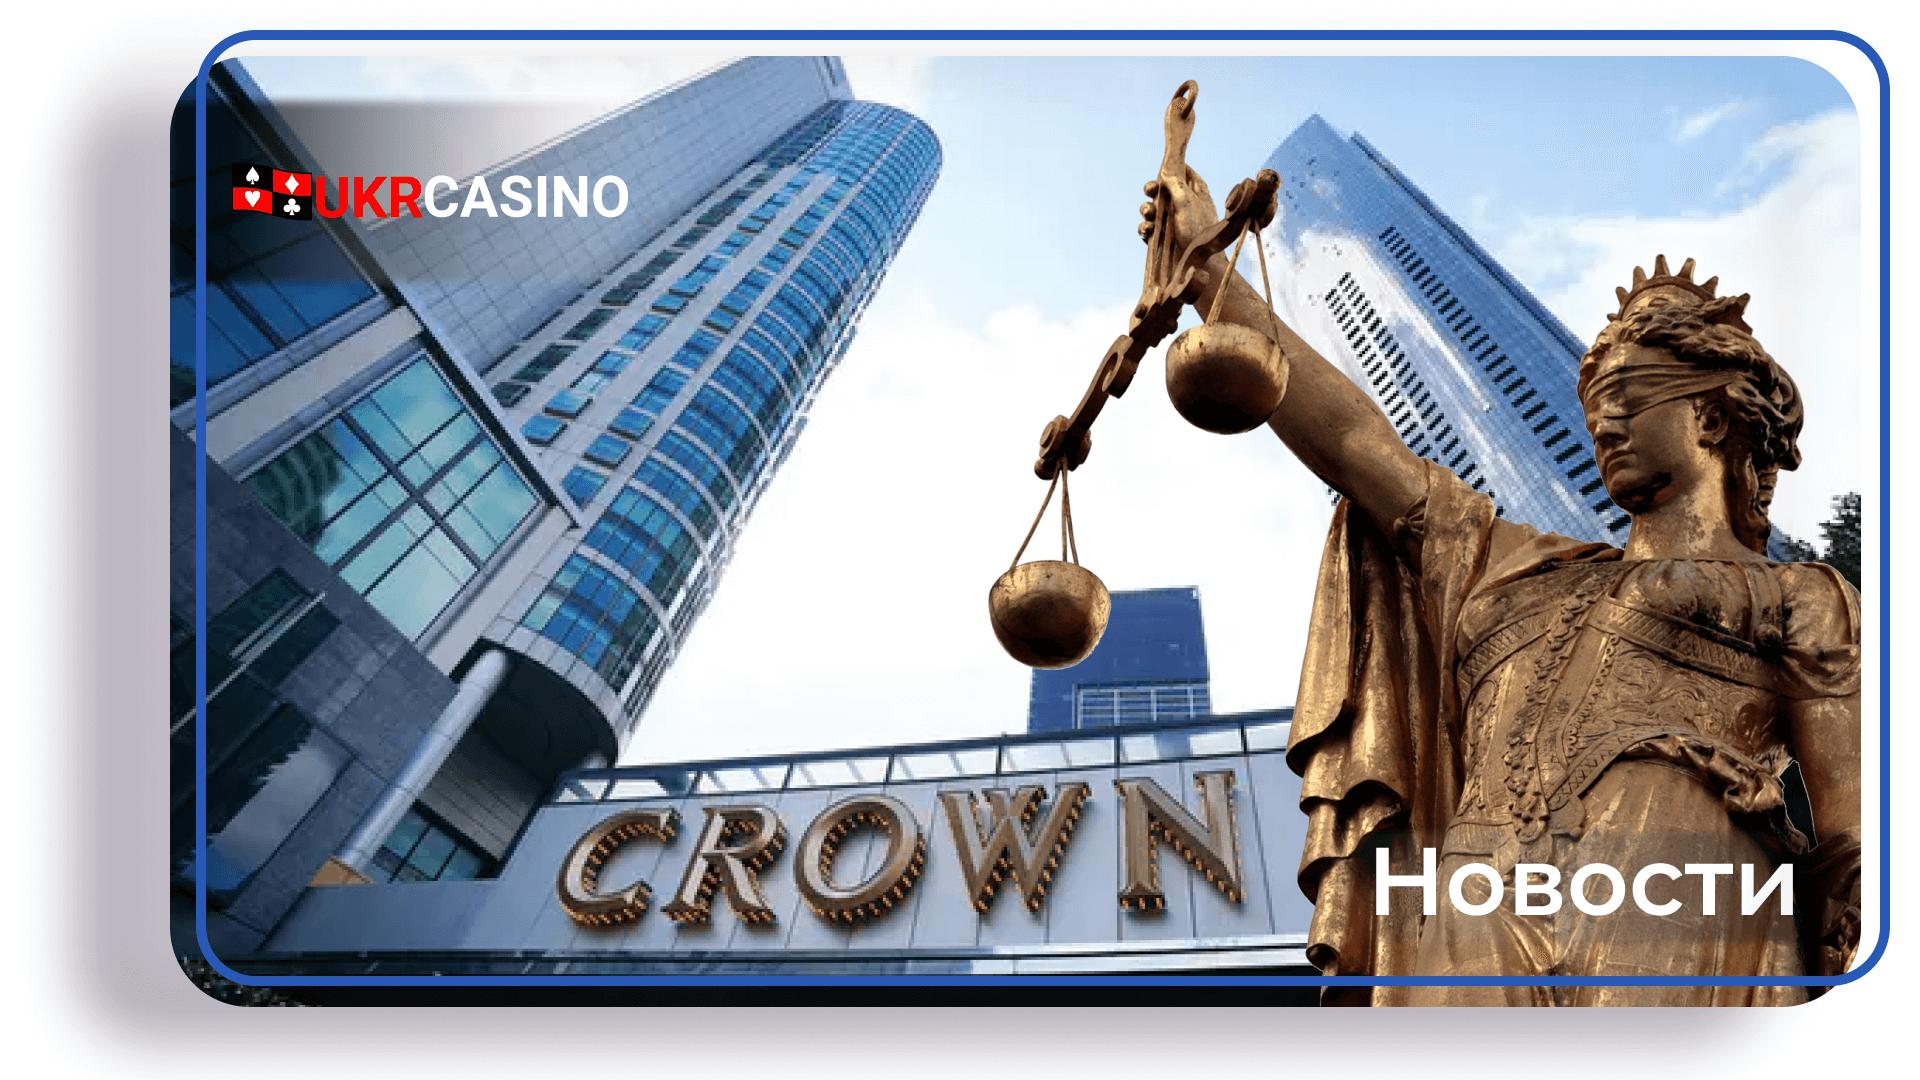 В Австралии казино судят за нарушение принципов ответственной игры